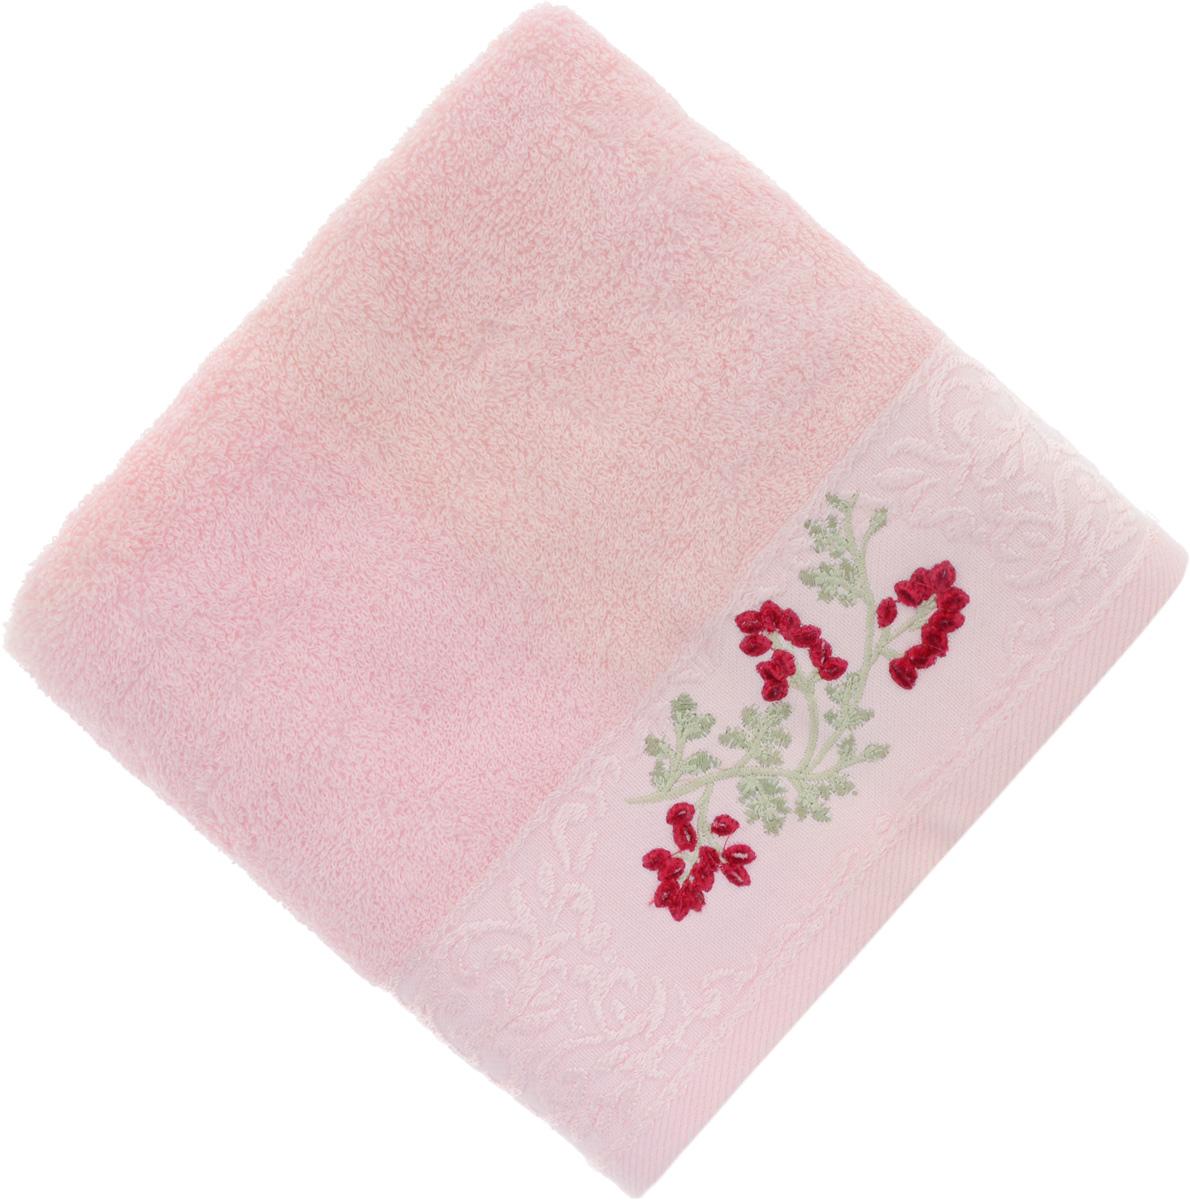 Полотенце Soavita Кизил, цвет: розовый, 50 х 90 см68/5/2Полотенце Soavita Кизил выполнено из 100% хлопка. Изделие отлично впитывает влагу, быстро сохнет, сохраняет яркость цвета и не теряет форму даже после многократных стирок. Полотенце очень практично и неприхотливо в уходе. Оно создаст прекрасное настроение и украсит интерьер в ванной комнате.